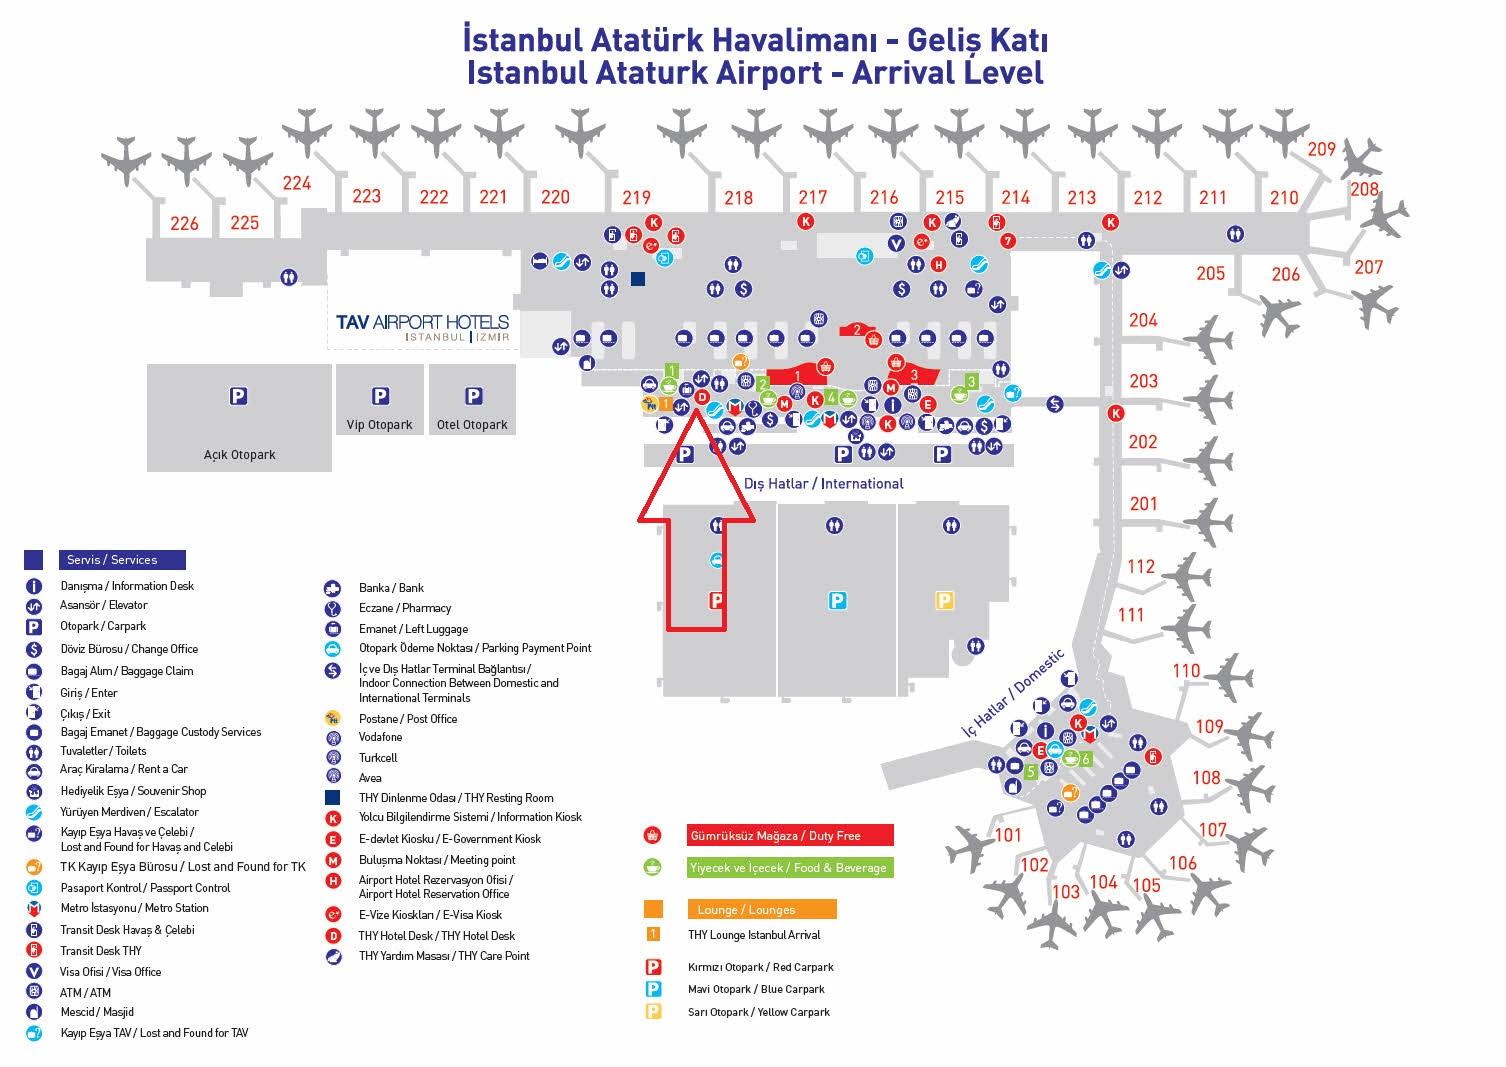 где получить бесплатную экскурсию от turkish airlines